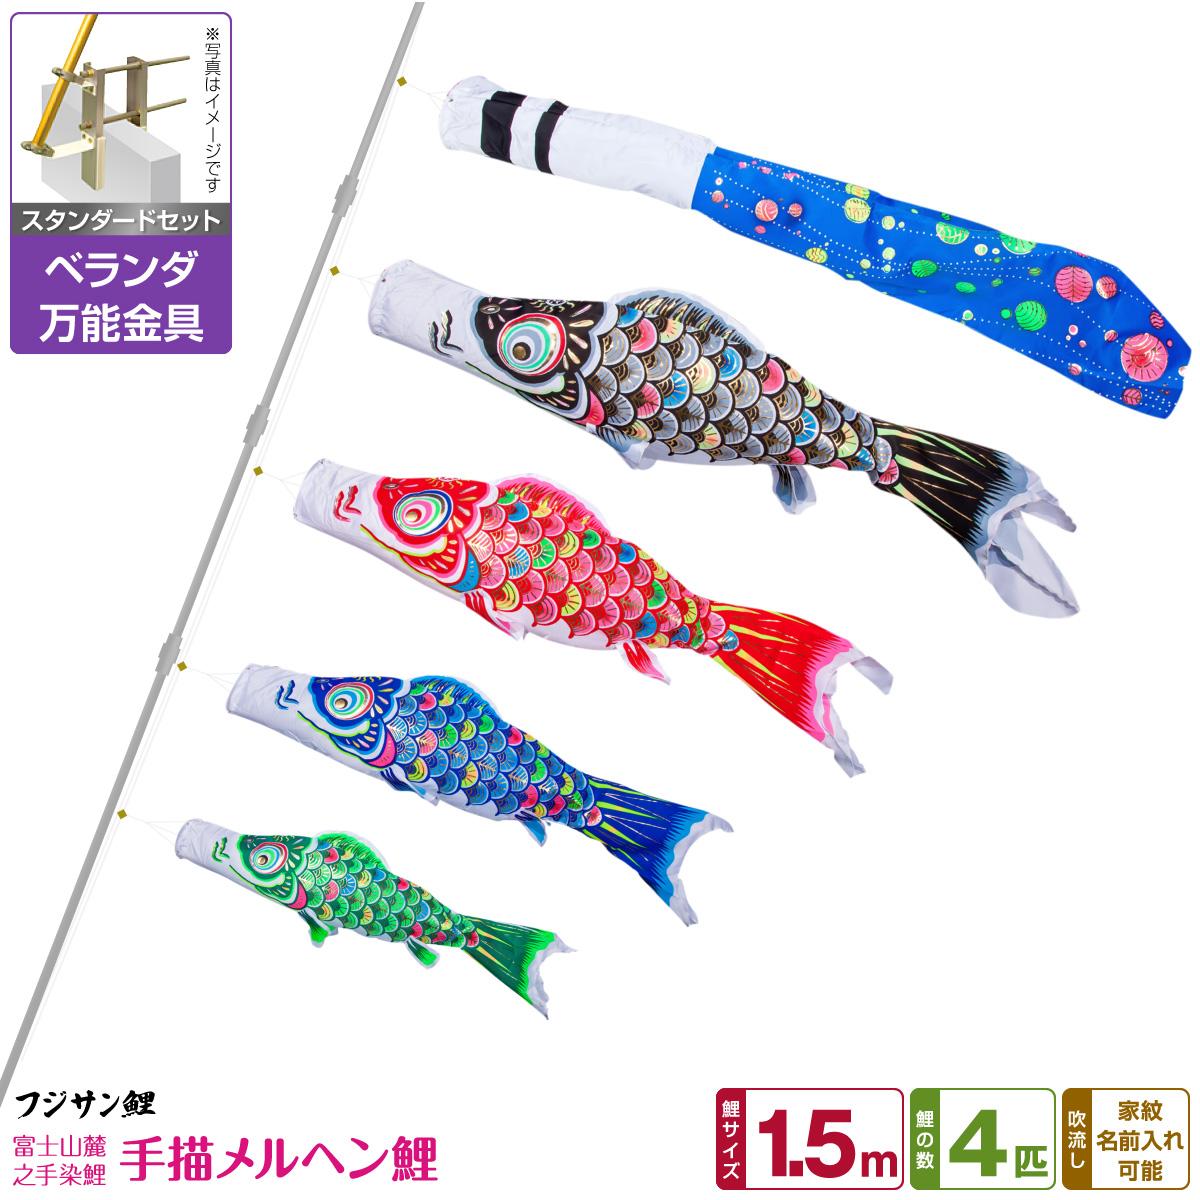 ベランダ用 こいのぼり 鯉のぼり フジサン鯉 手描メルヘン鯉 1.5m 7点(吹流し+鯉4匹+矢車+ロープ)/スタンダードセット(万能取付金具)